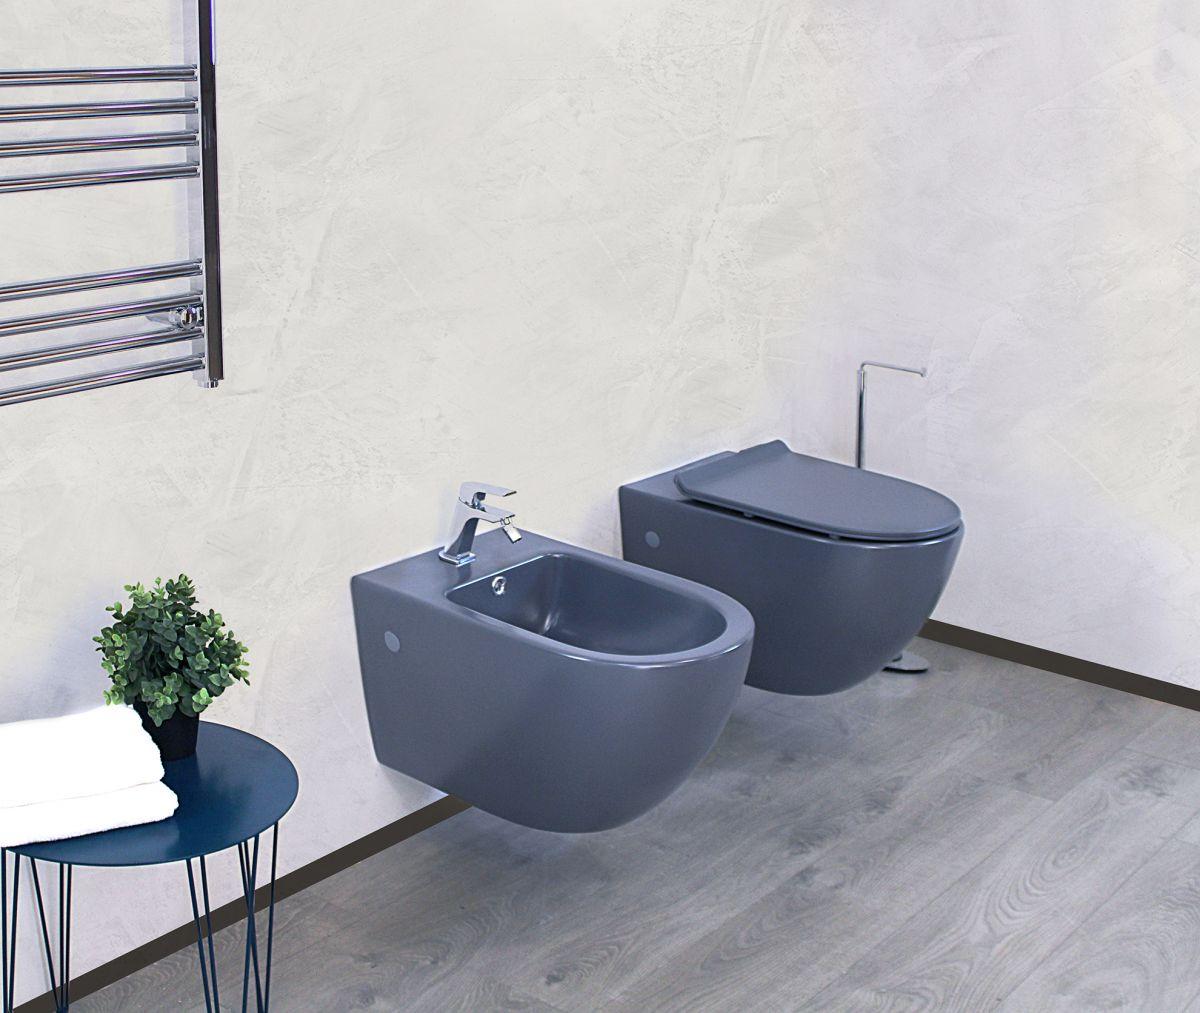 Round sospeso grigio 1 1 Sanitari Sospesi Round in ceramica col grigio opaco Vaso+Bidet+Coprivaso Soft Close